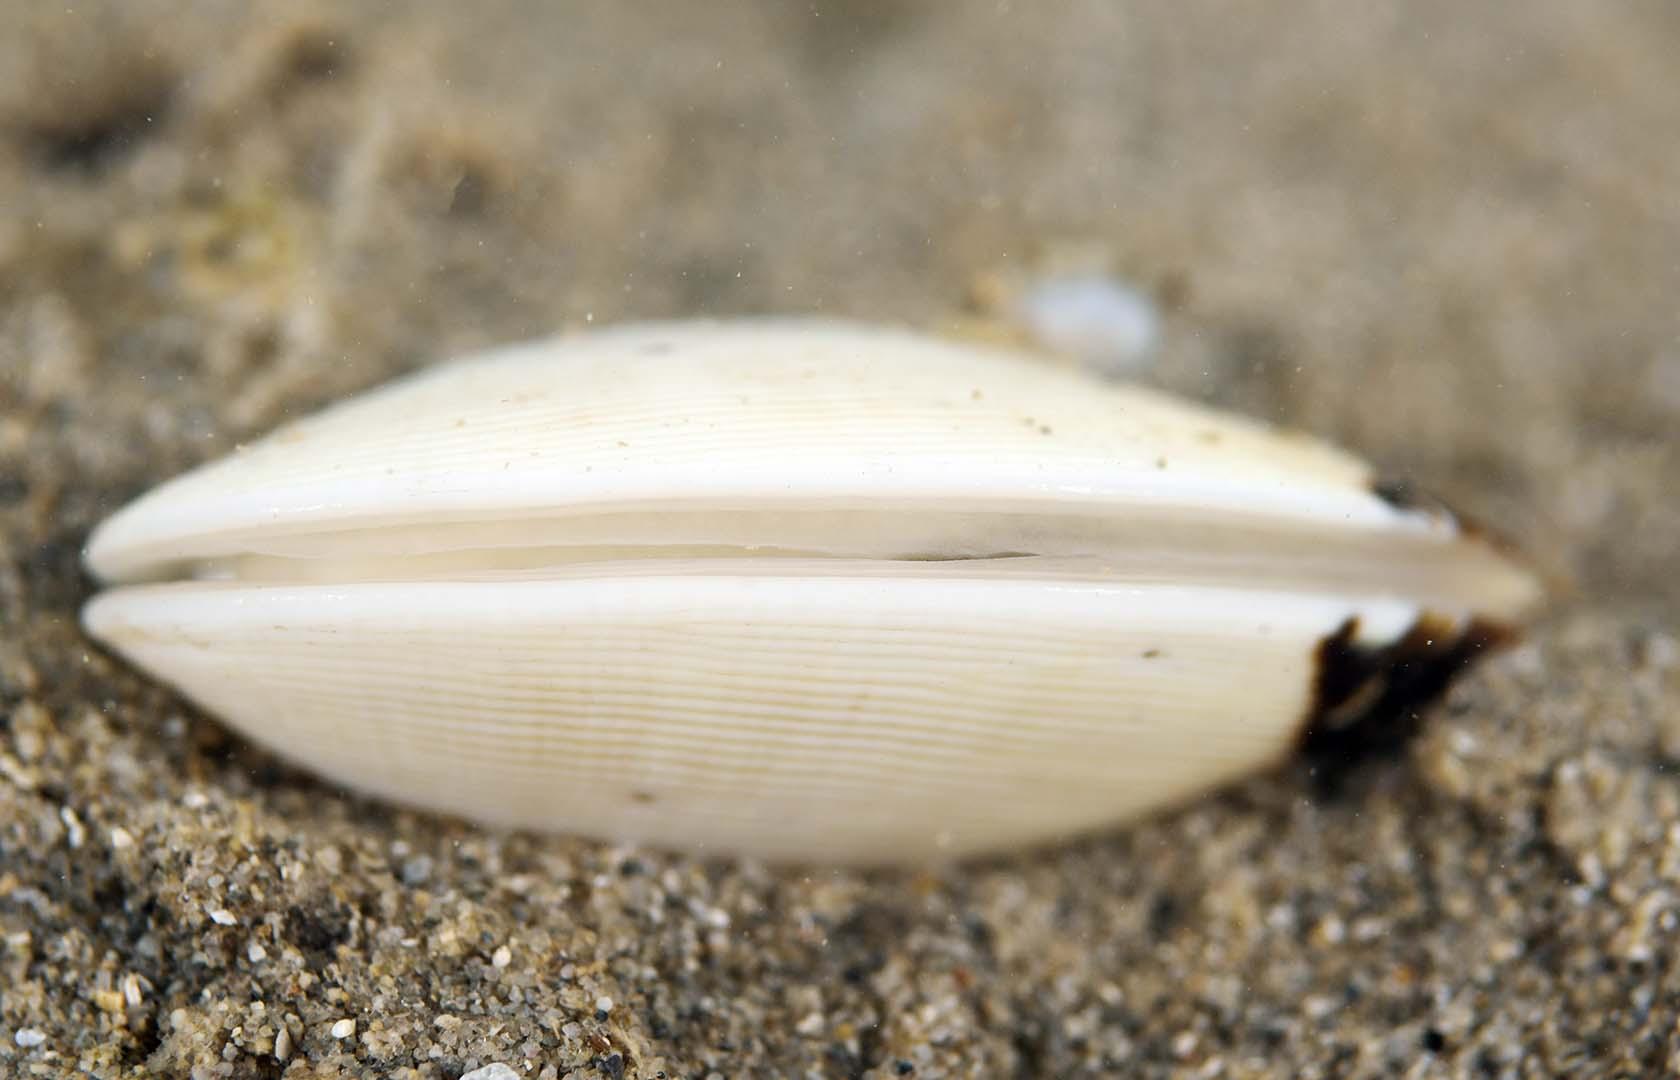 Ejemplar sobre fondo fangoso en aguas someras del Mar Menor.